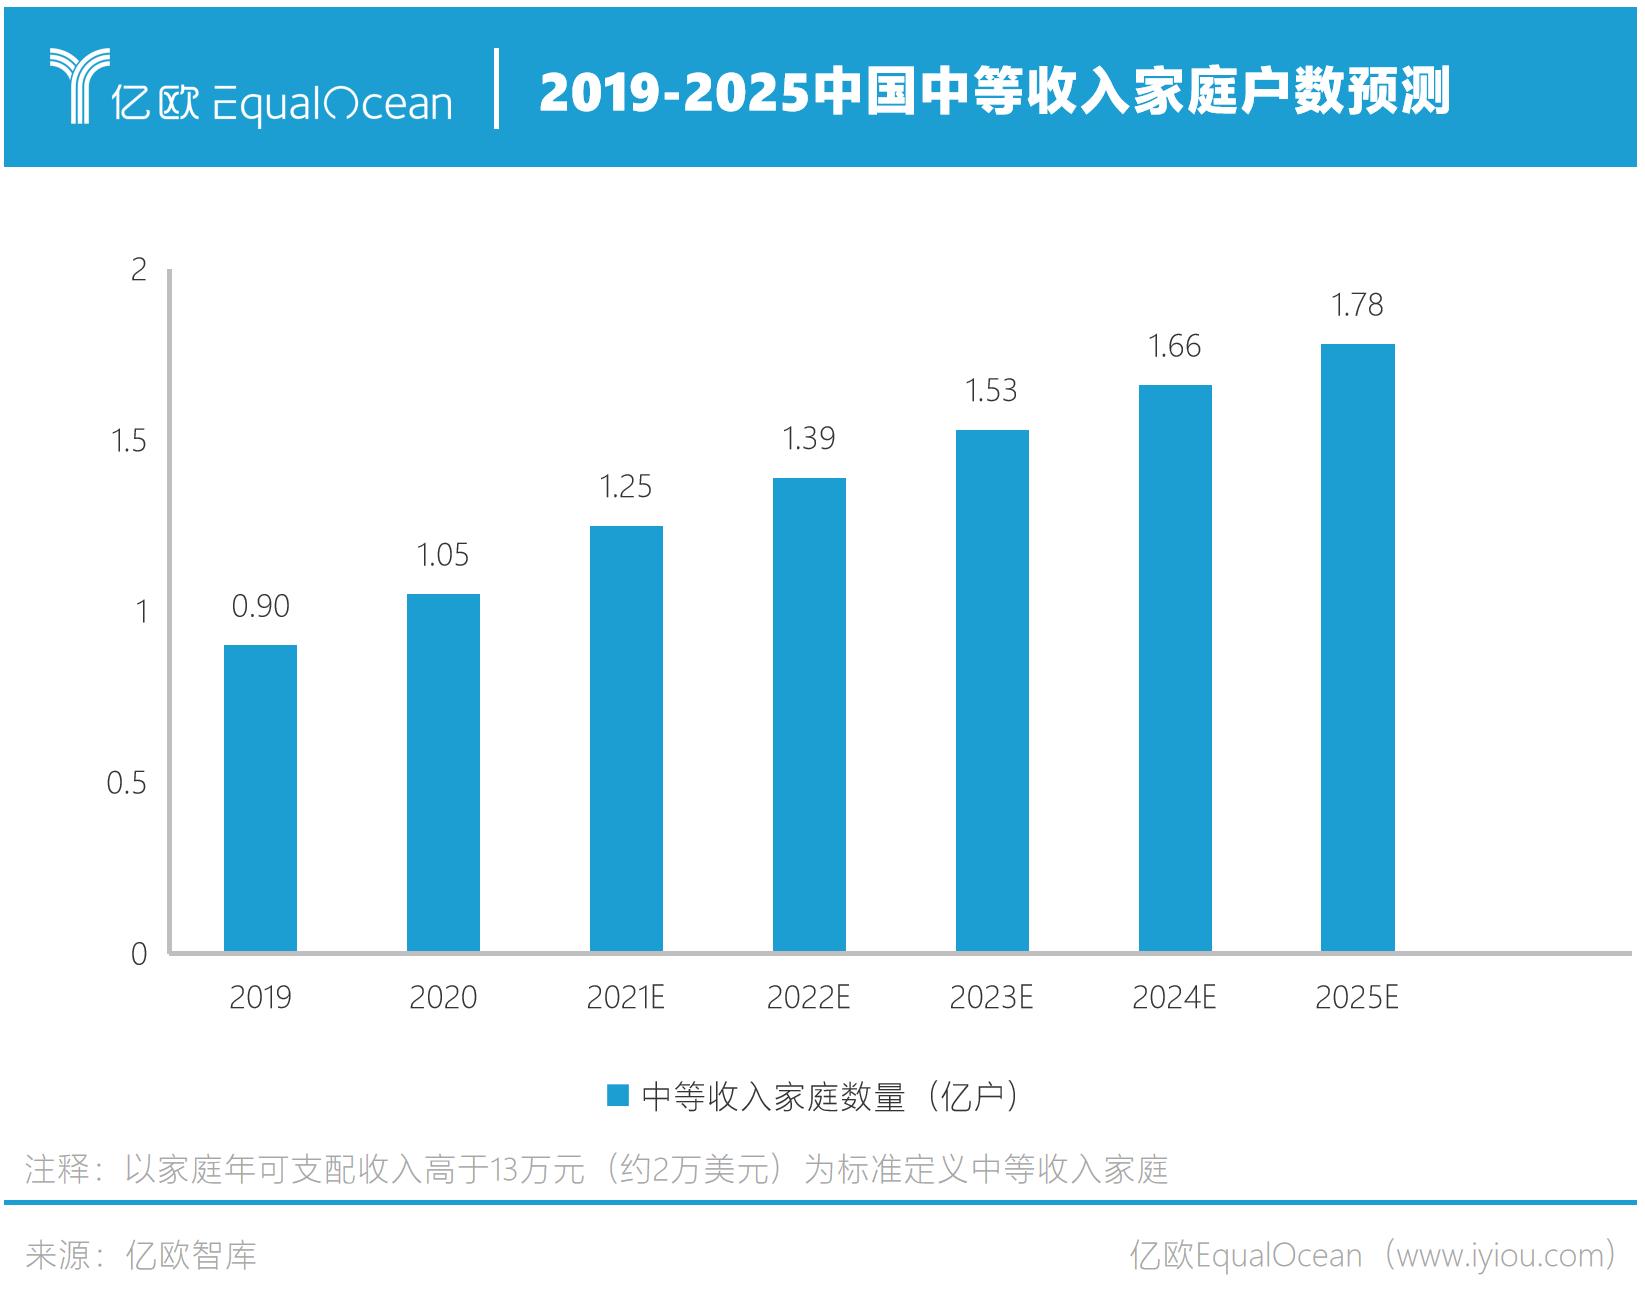 2019-2025年中国中等收入家庭规模